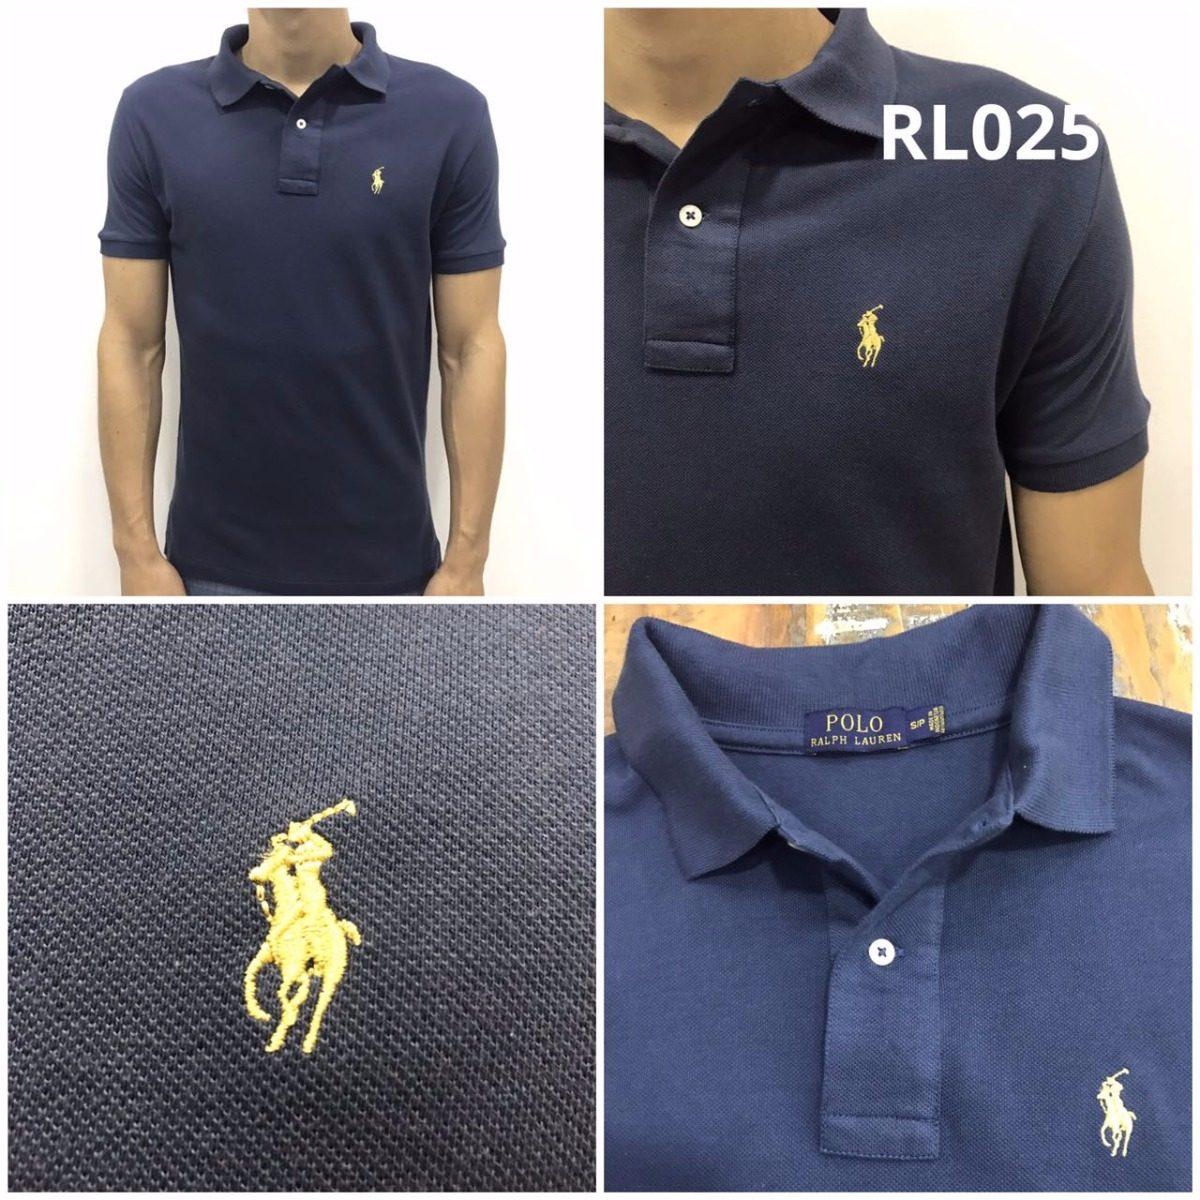 2f0e7c229dc444  camiseta polo ralph lauren azul marinho original top frete. Carregando  zoom. c1ec545b143